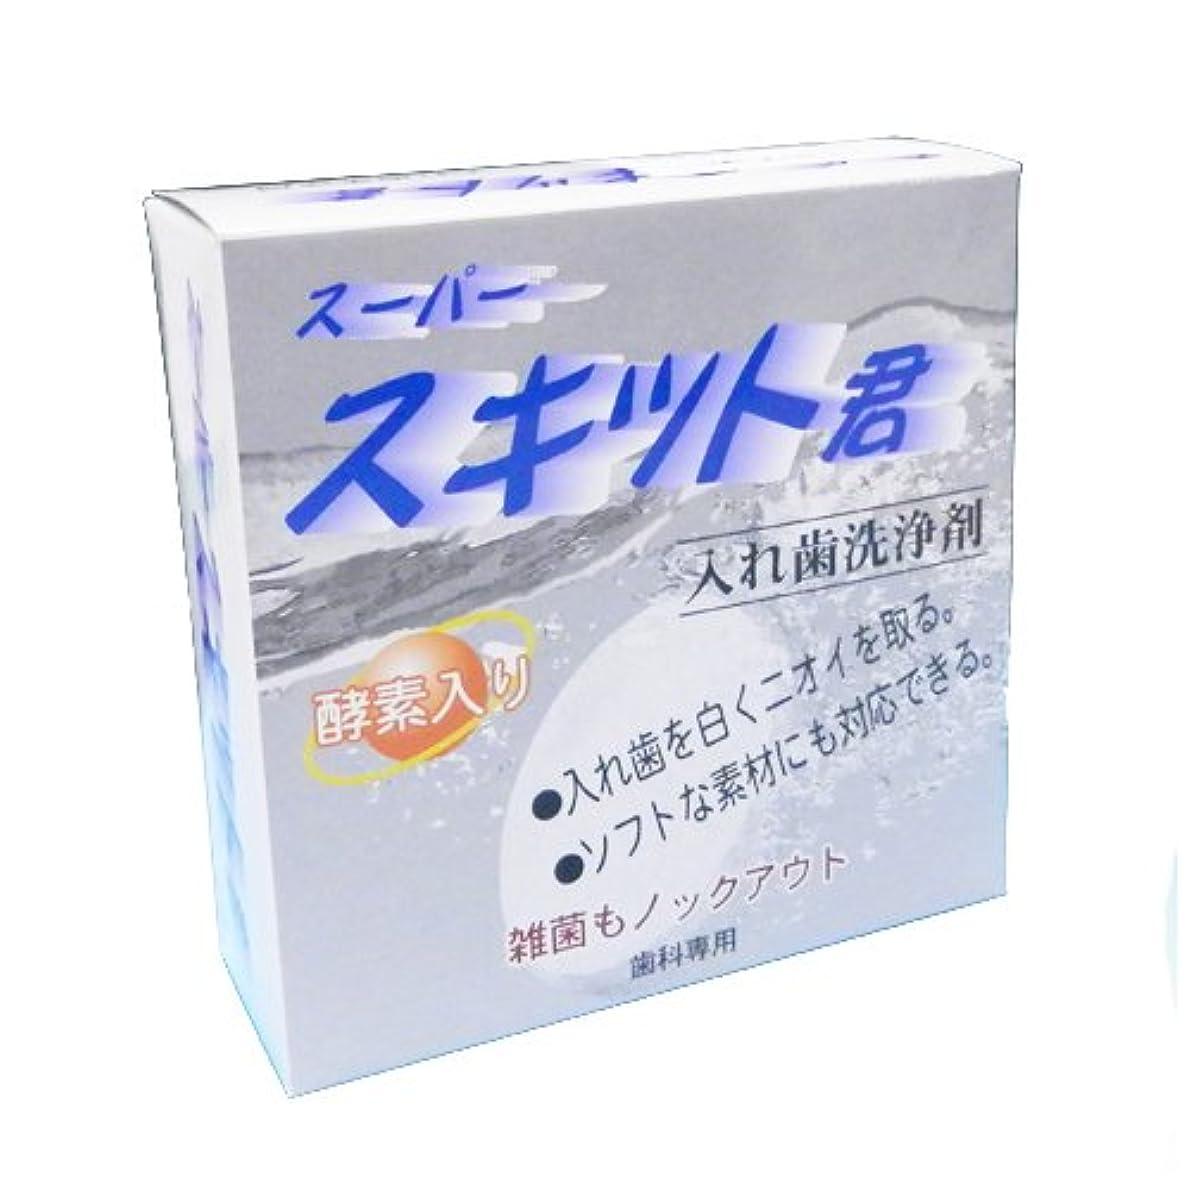 本質的ではない高価な移民スーパー スキット君 入れ歯洗浄剤 48錠入